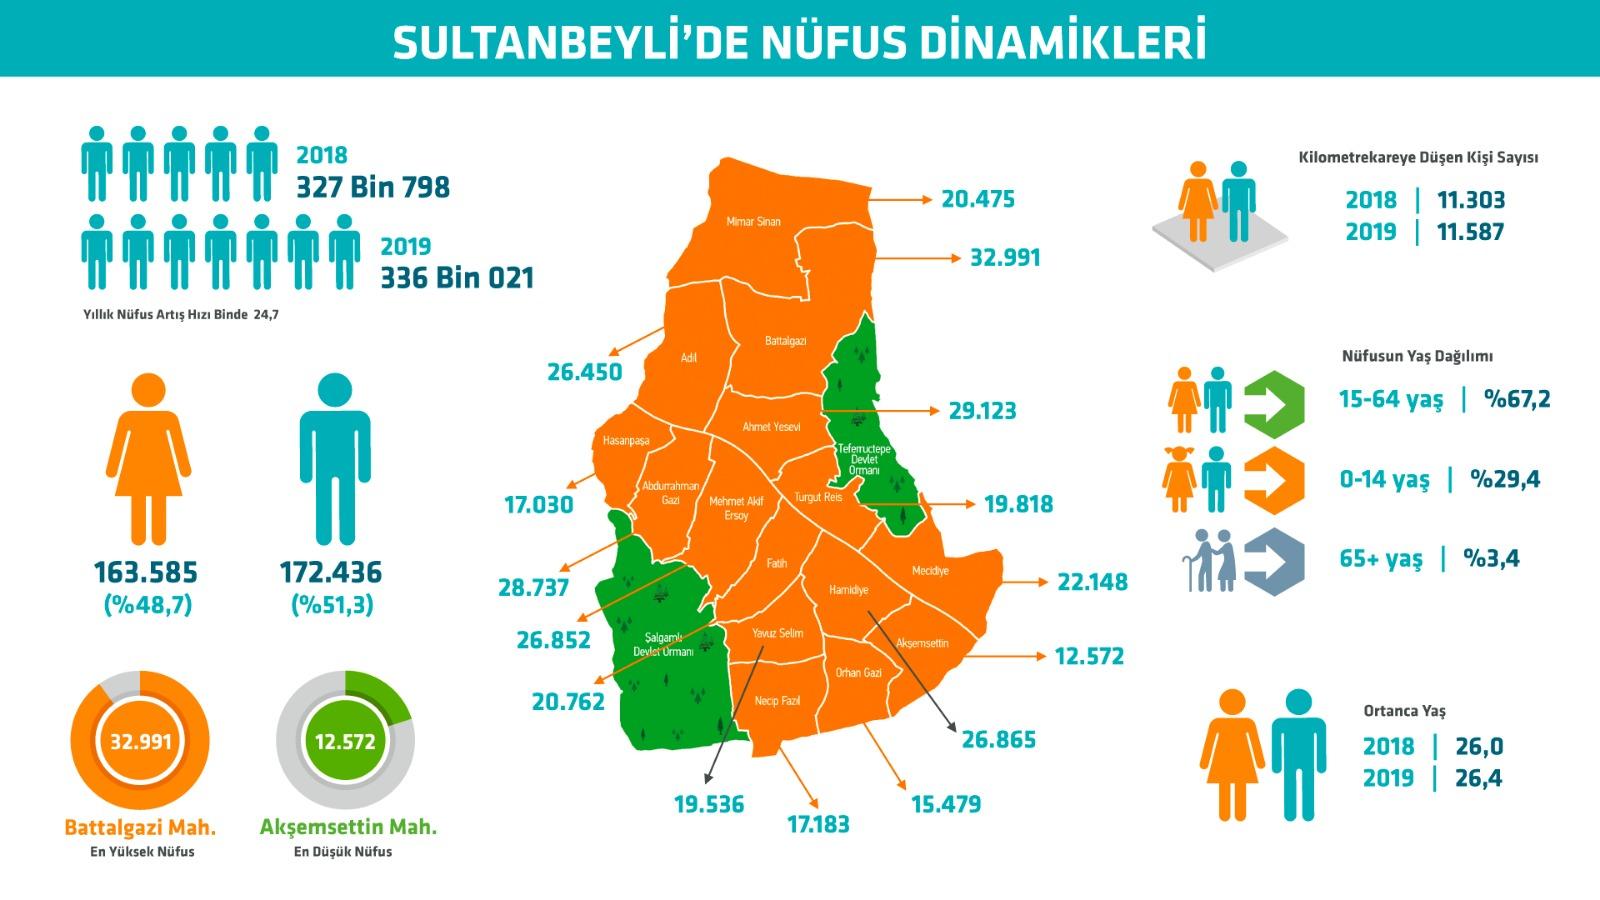 sultanbeyli-nufus